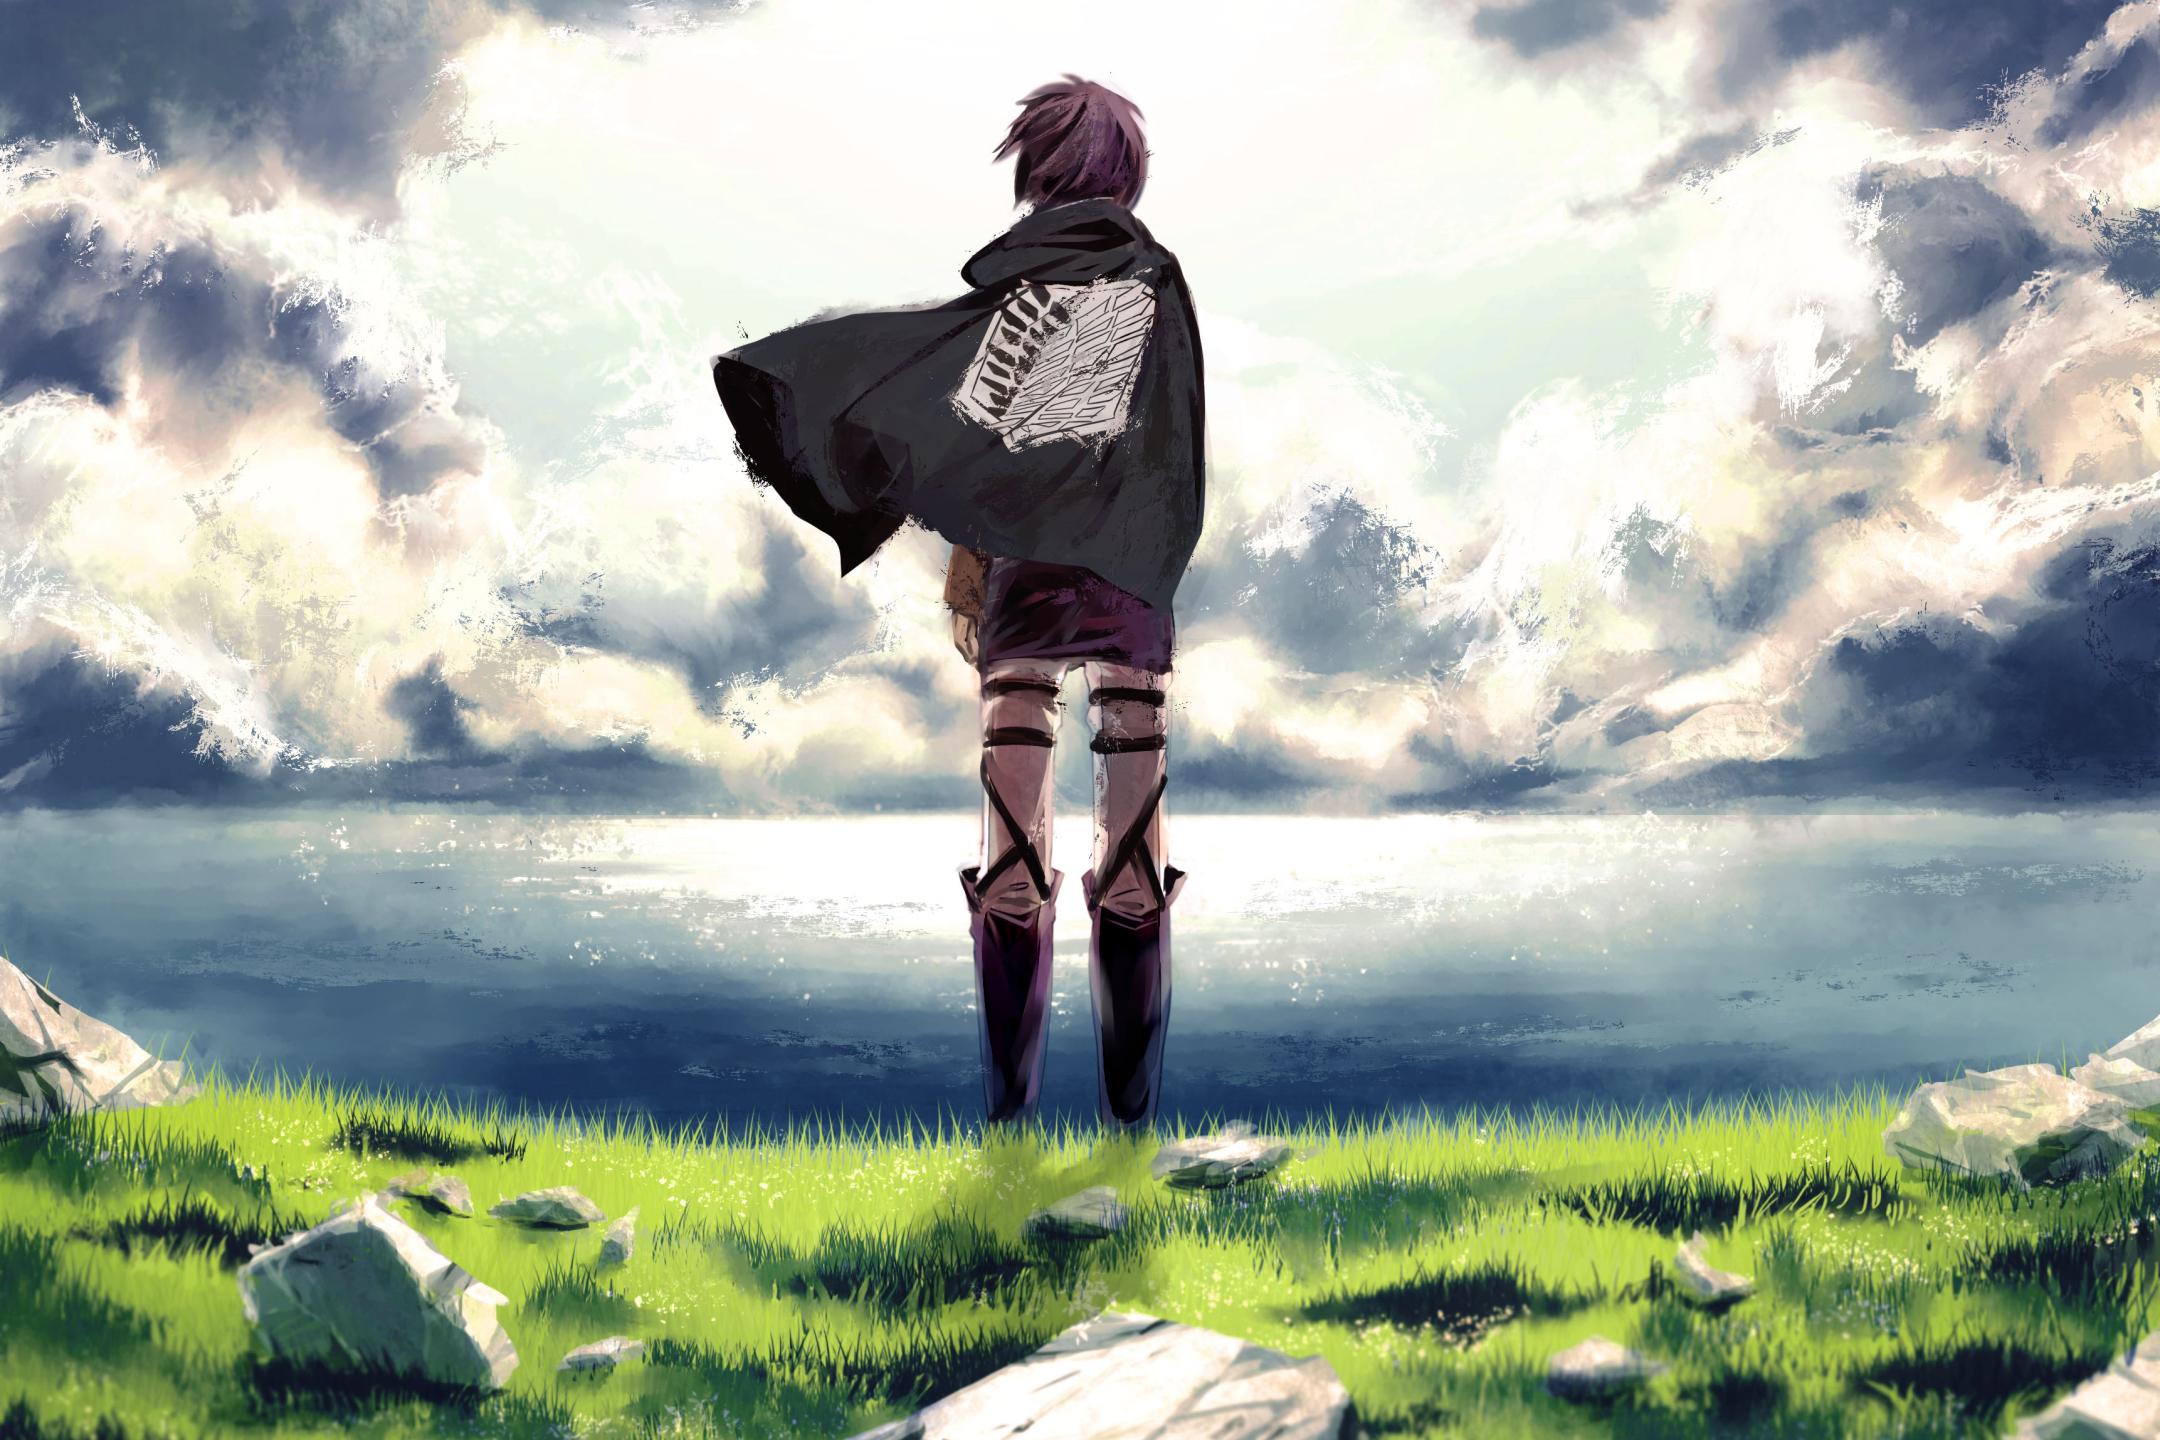 Las 40 Mejores Ilustraciones Shingeki No Kyojin Anime Manga De